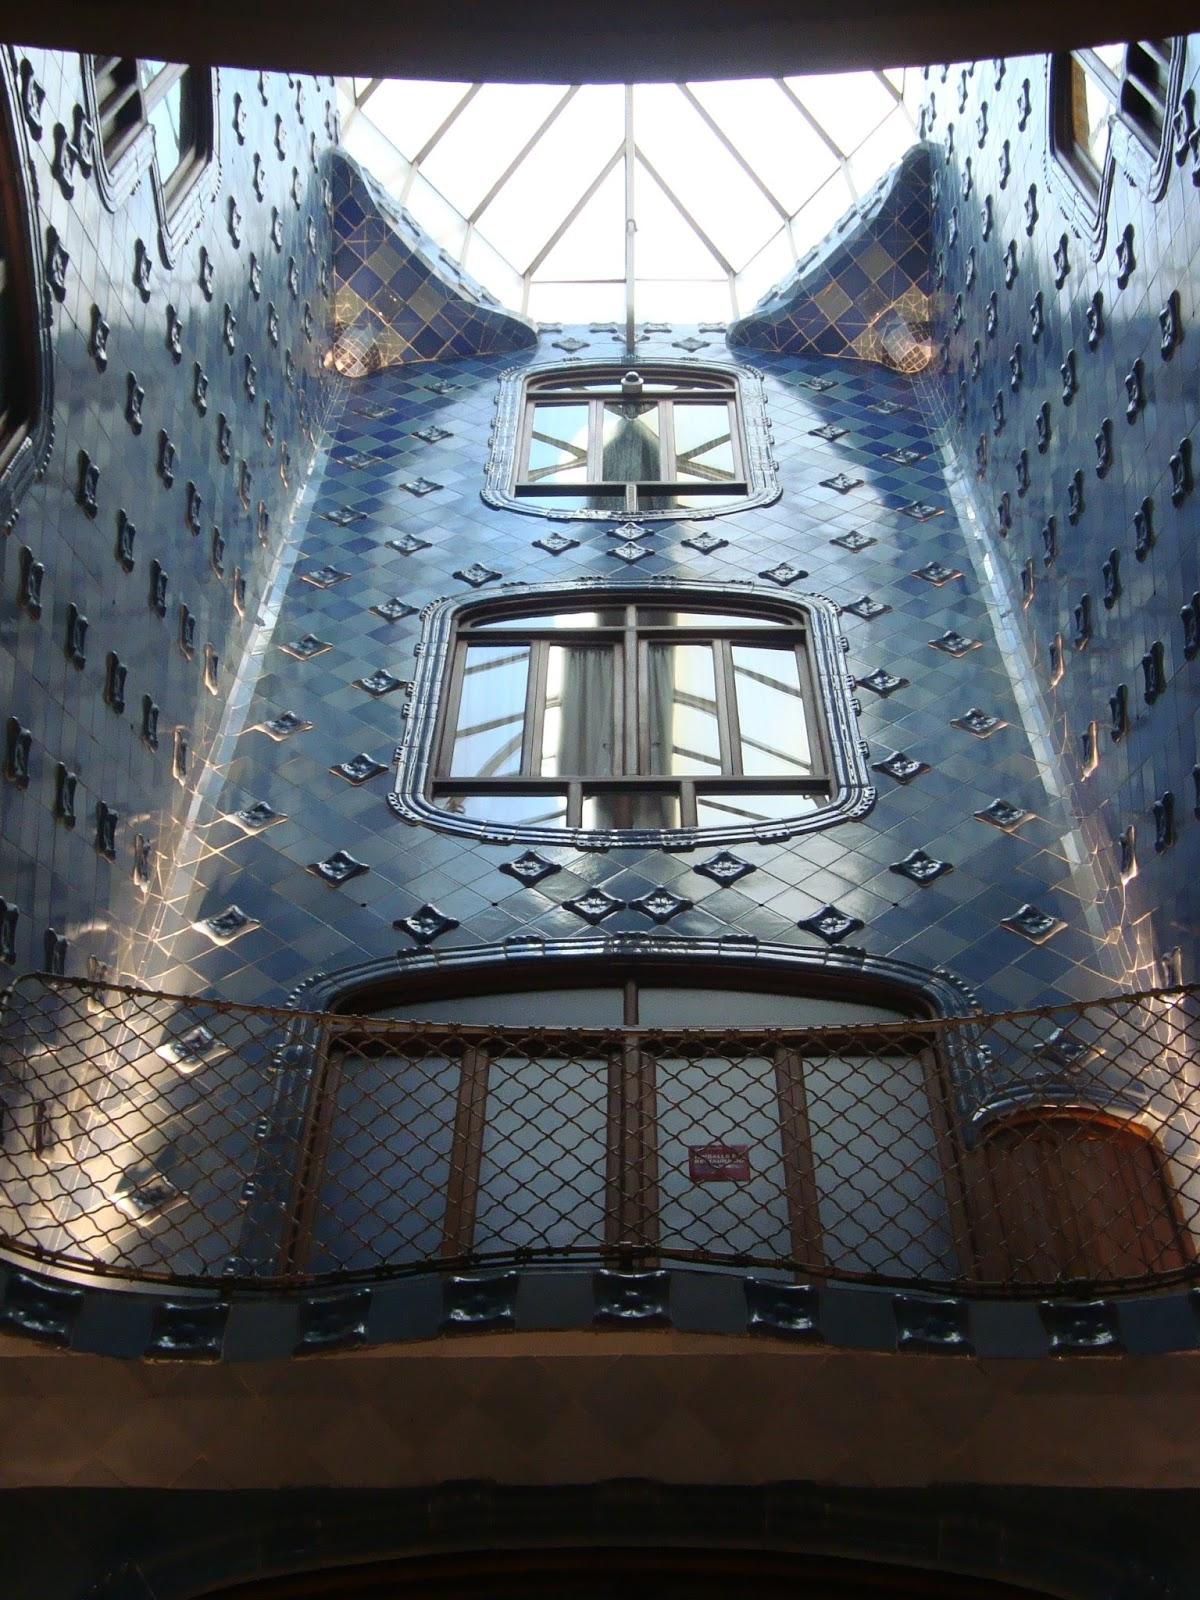 Paseos art nouveau int rieur de la casa batll cage d for Art nouveau interieur